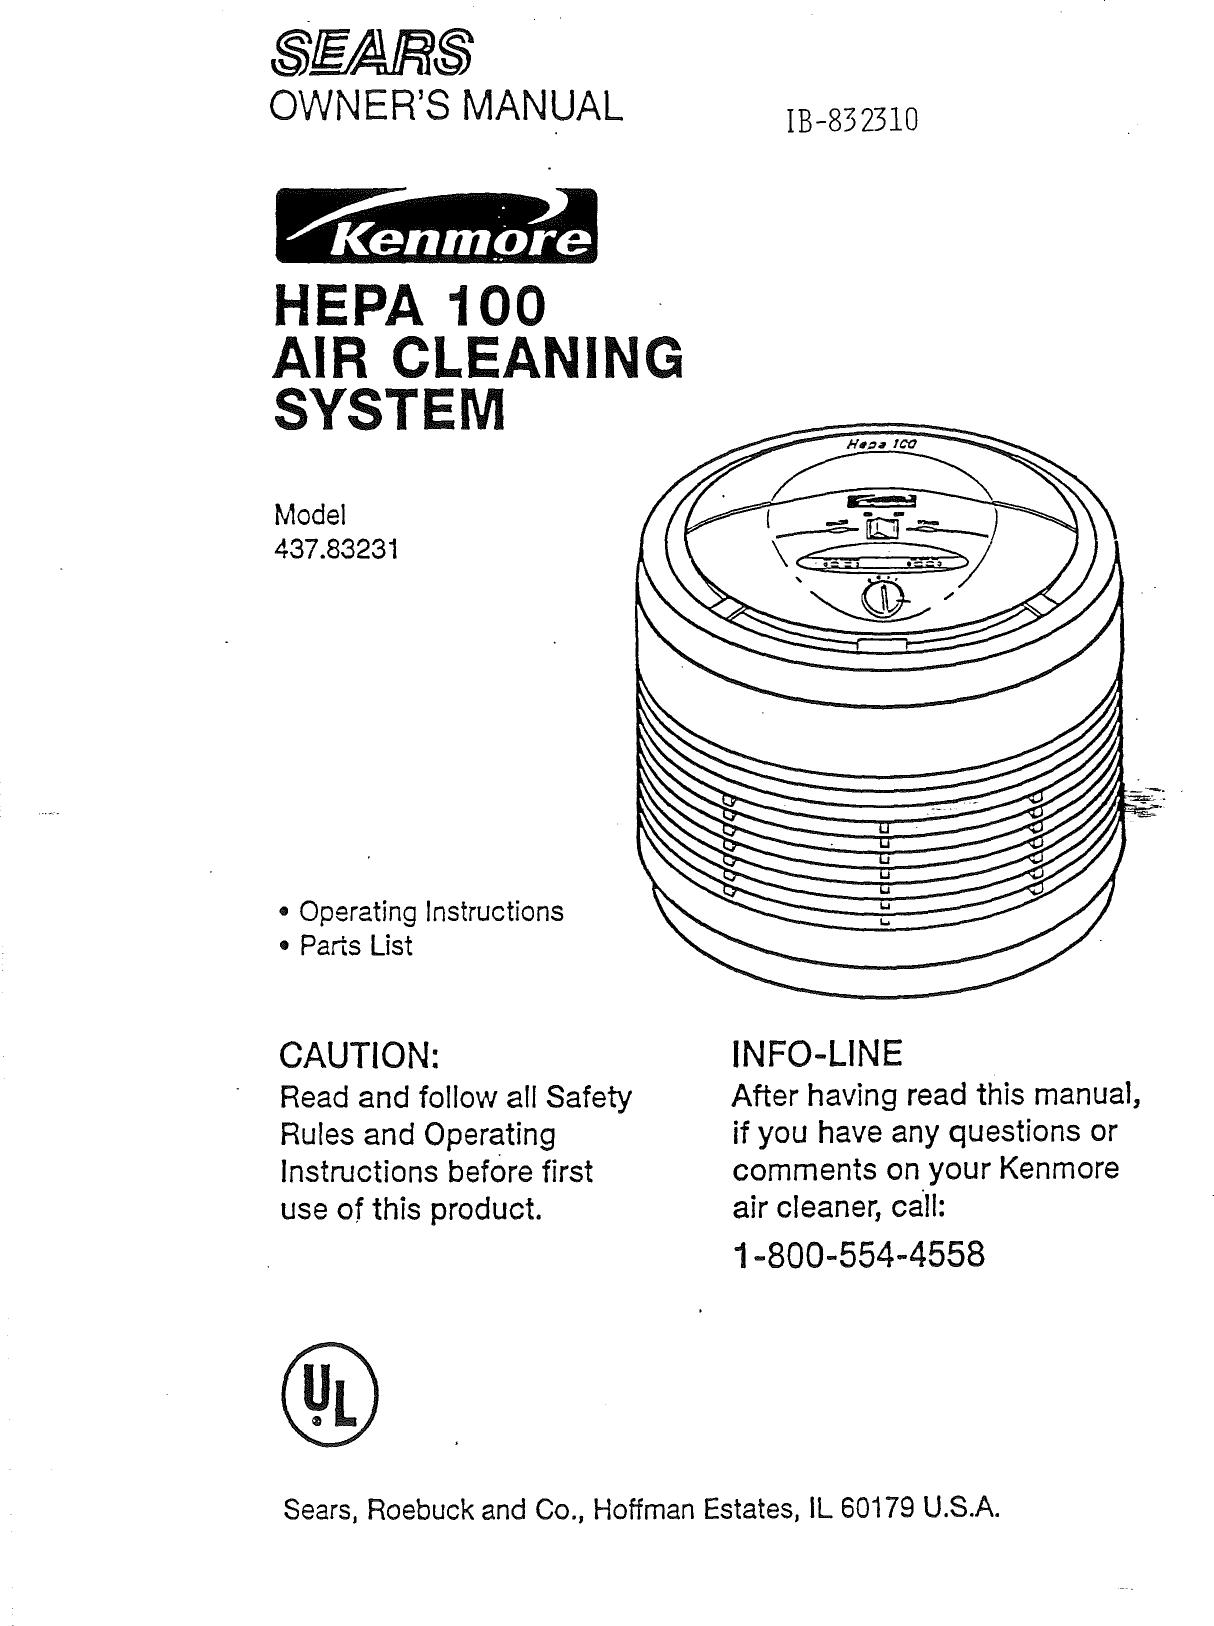 kenmore 43783231 user manual air cleaner manuals and guides l0810461 rh usermanual wiki Kenmore Electrostatic Air Cleaner Kenmore Electrostatic Air Cleaner